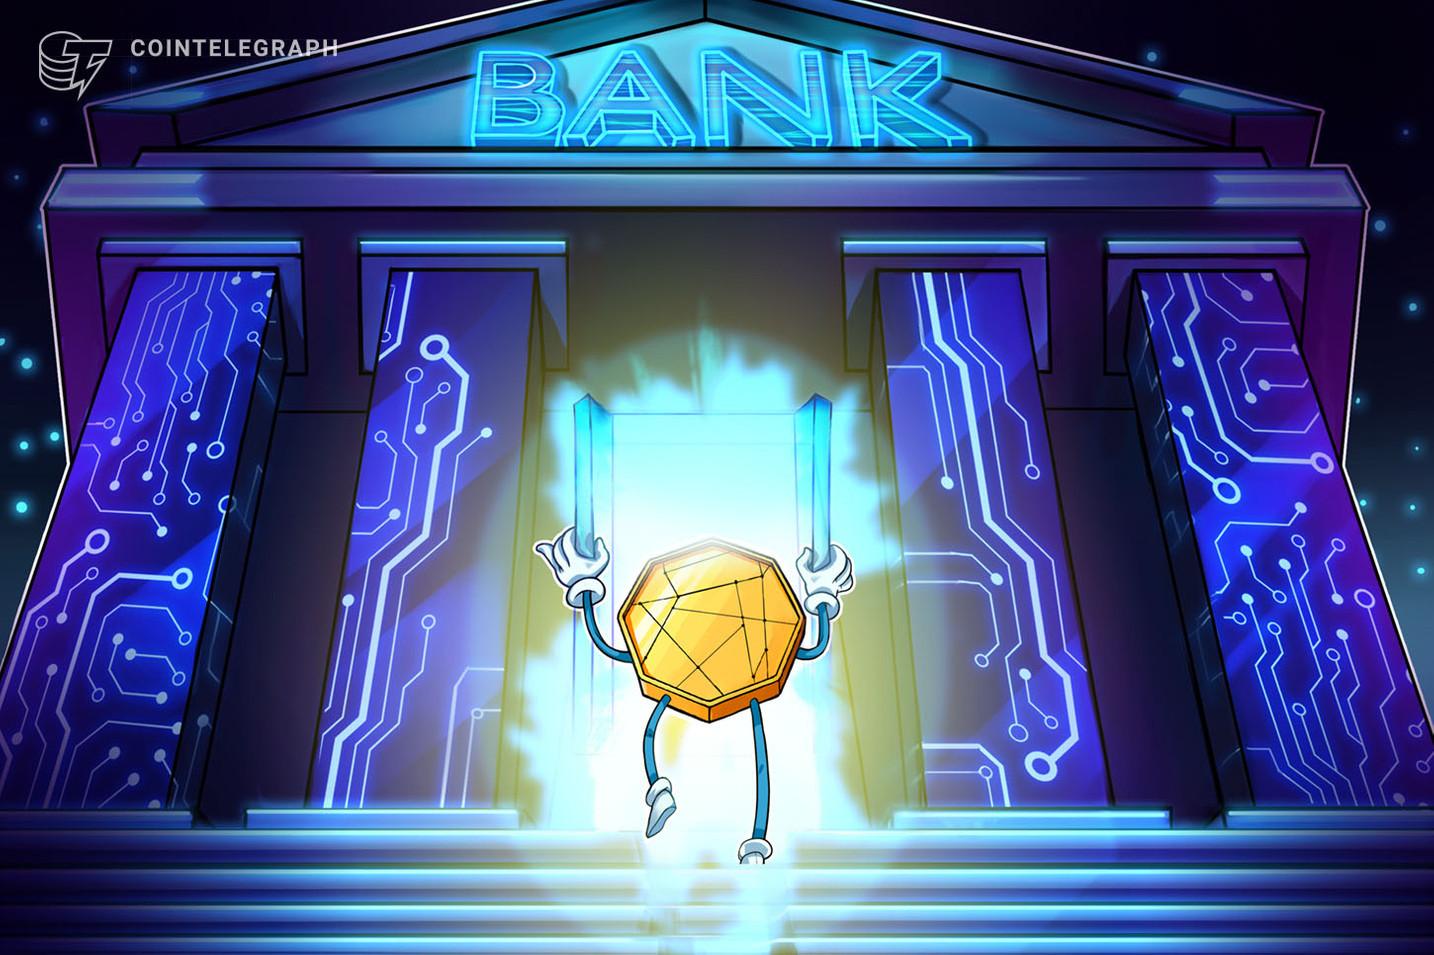 El multimillonario Ricardo Salinas Pliego promete que su banco será el primero en México en aceptar BTC